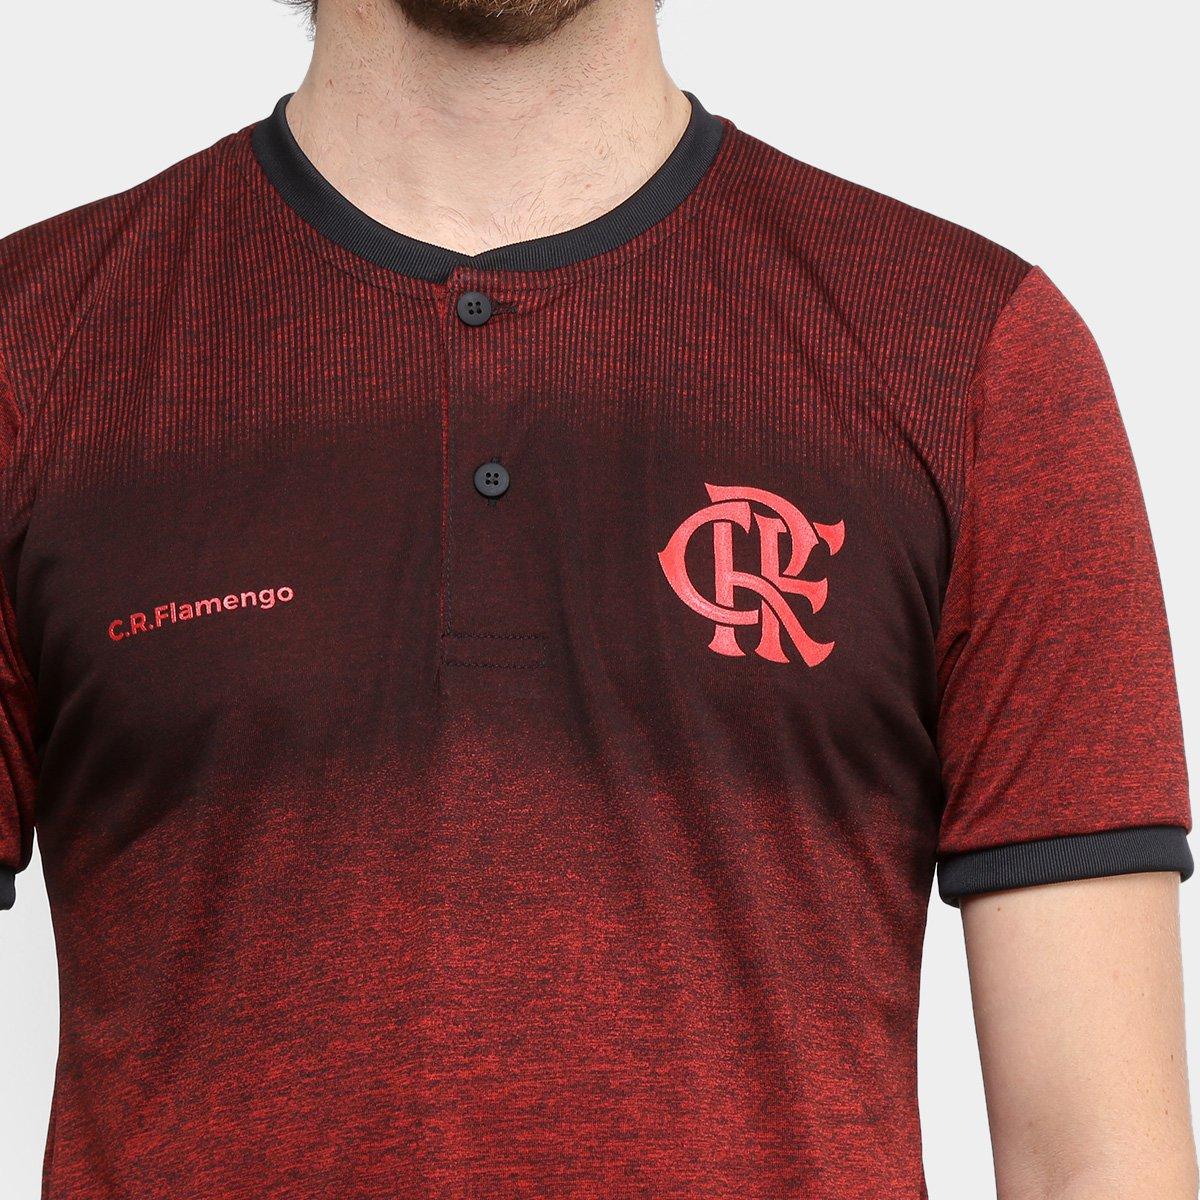 Camiseta Flamengo Gang Masculina - Cinza e Vermelho - Compre Agora ... 75e5e991fed78